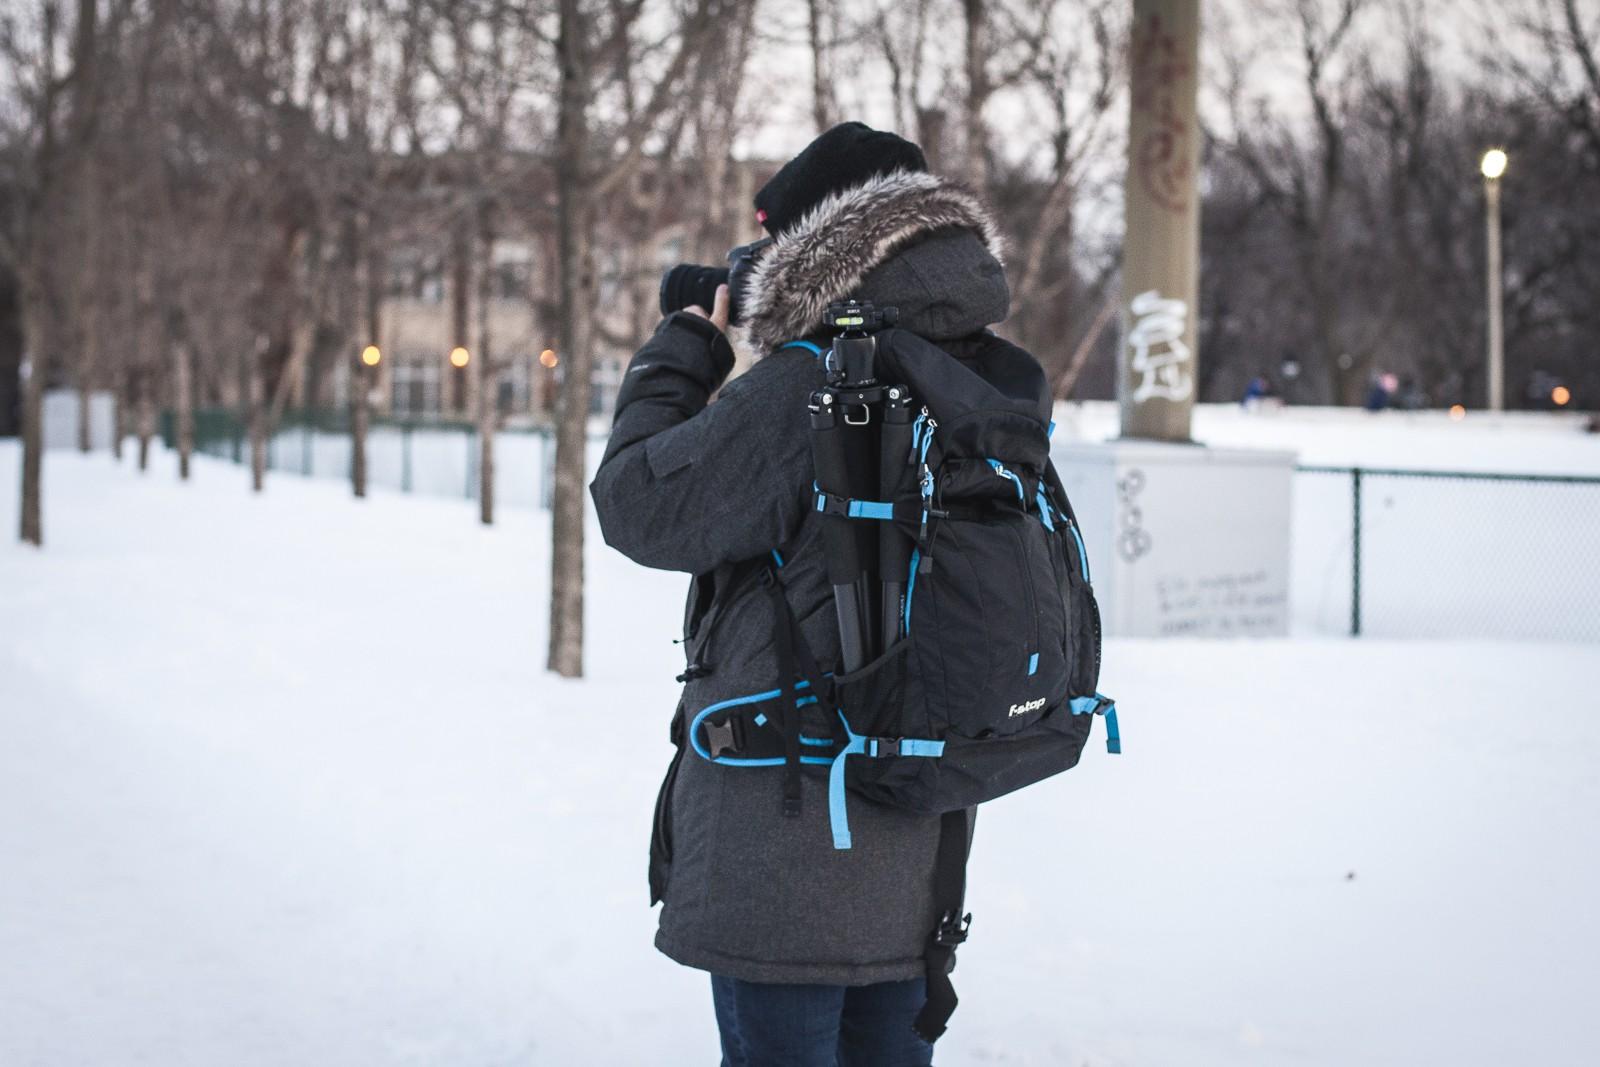 21c4ce93e3 Test du sac photo Loka UL de F-Stop pour partir à l'aventure